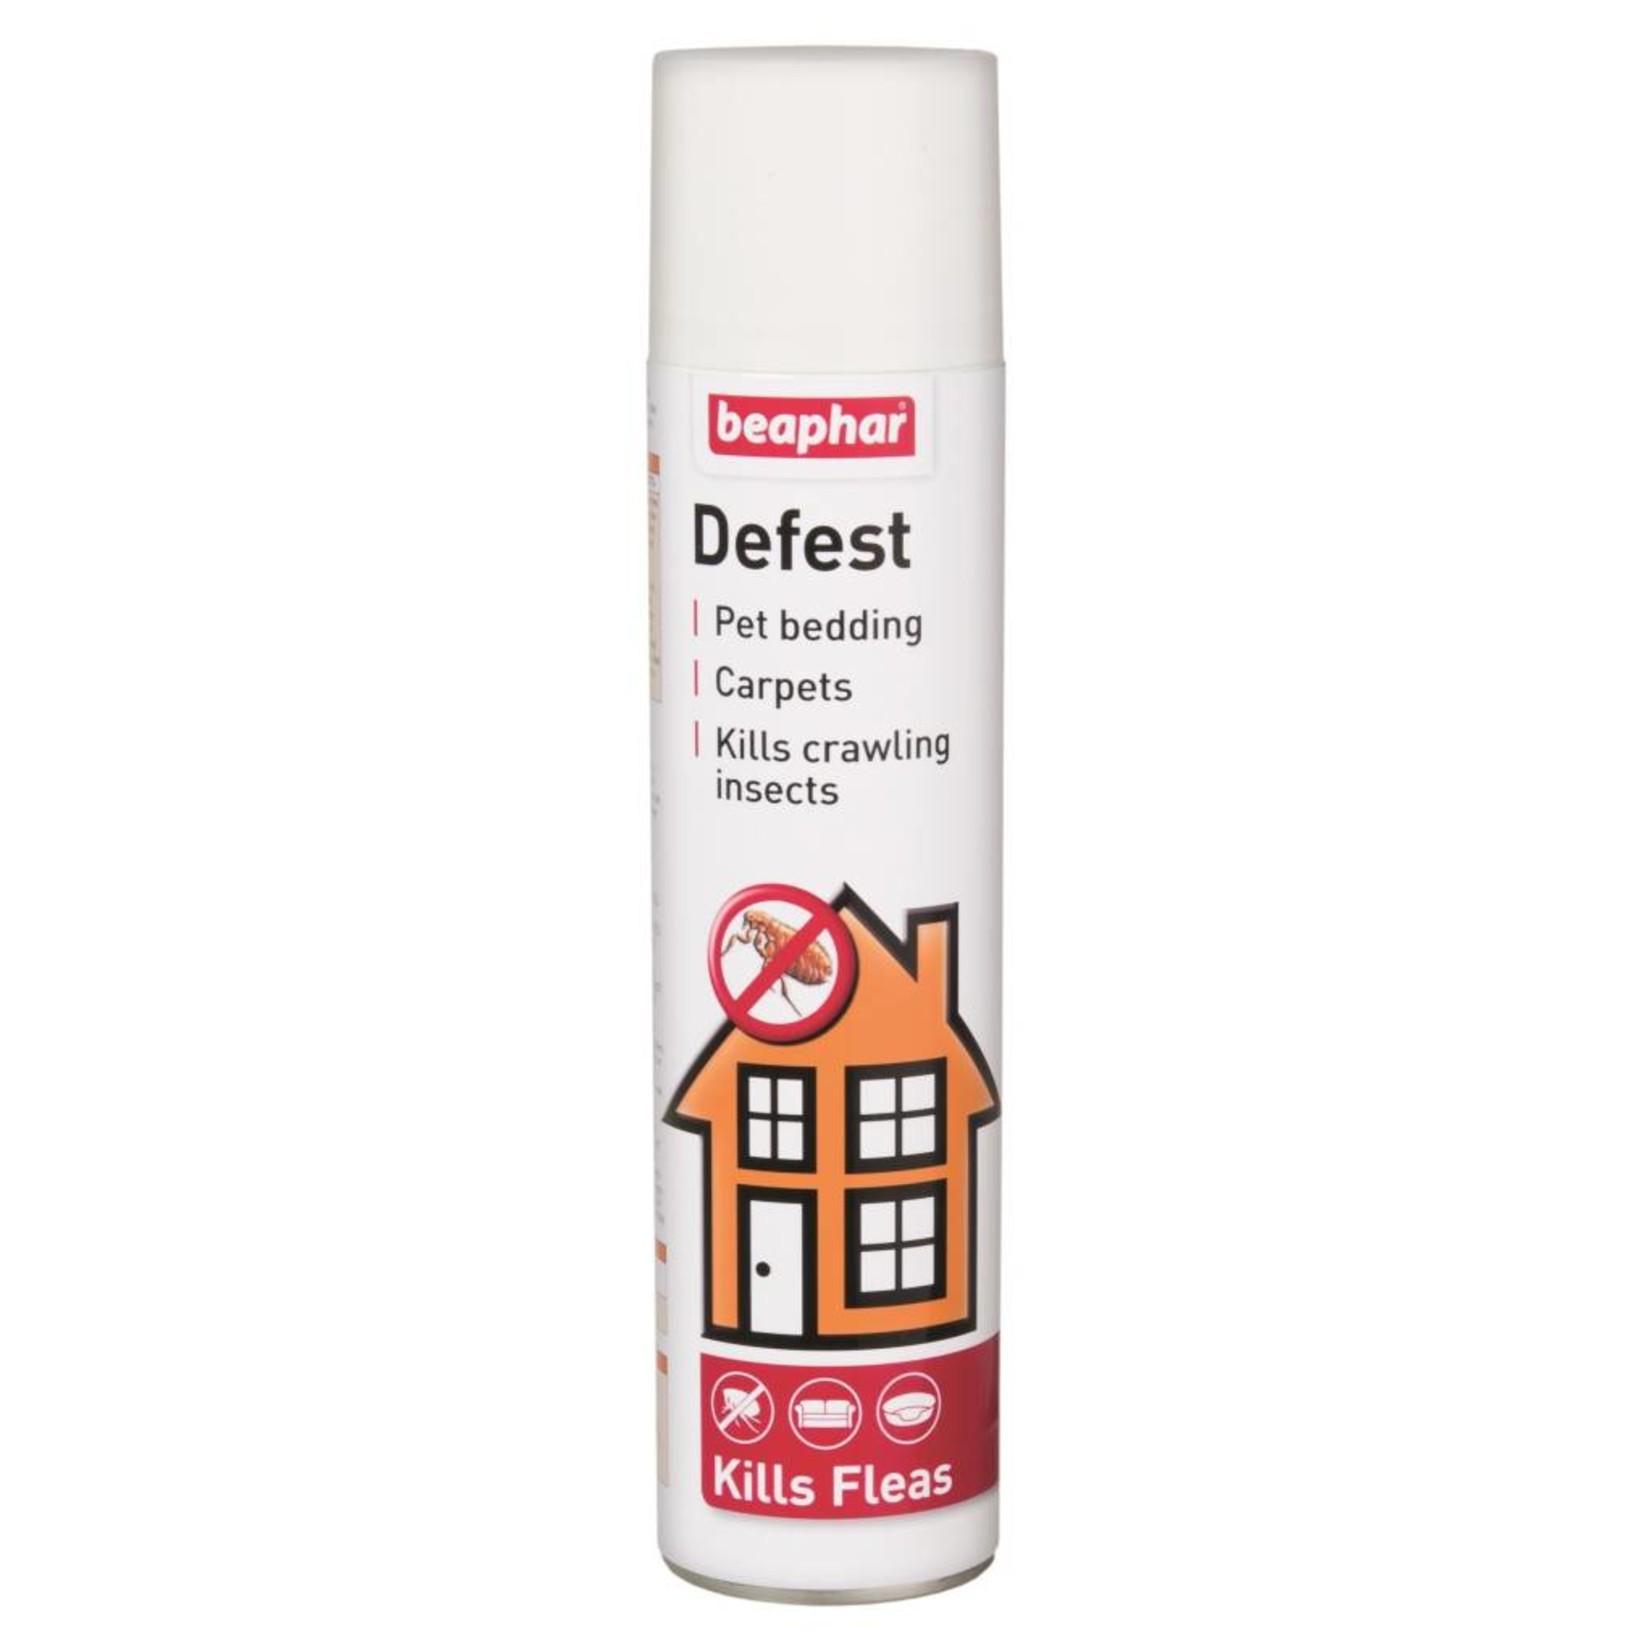 Beaphar Defest Household Flea Spray, 400ml